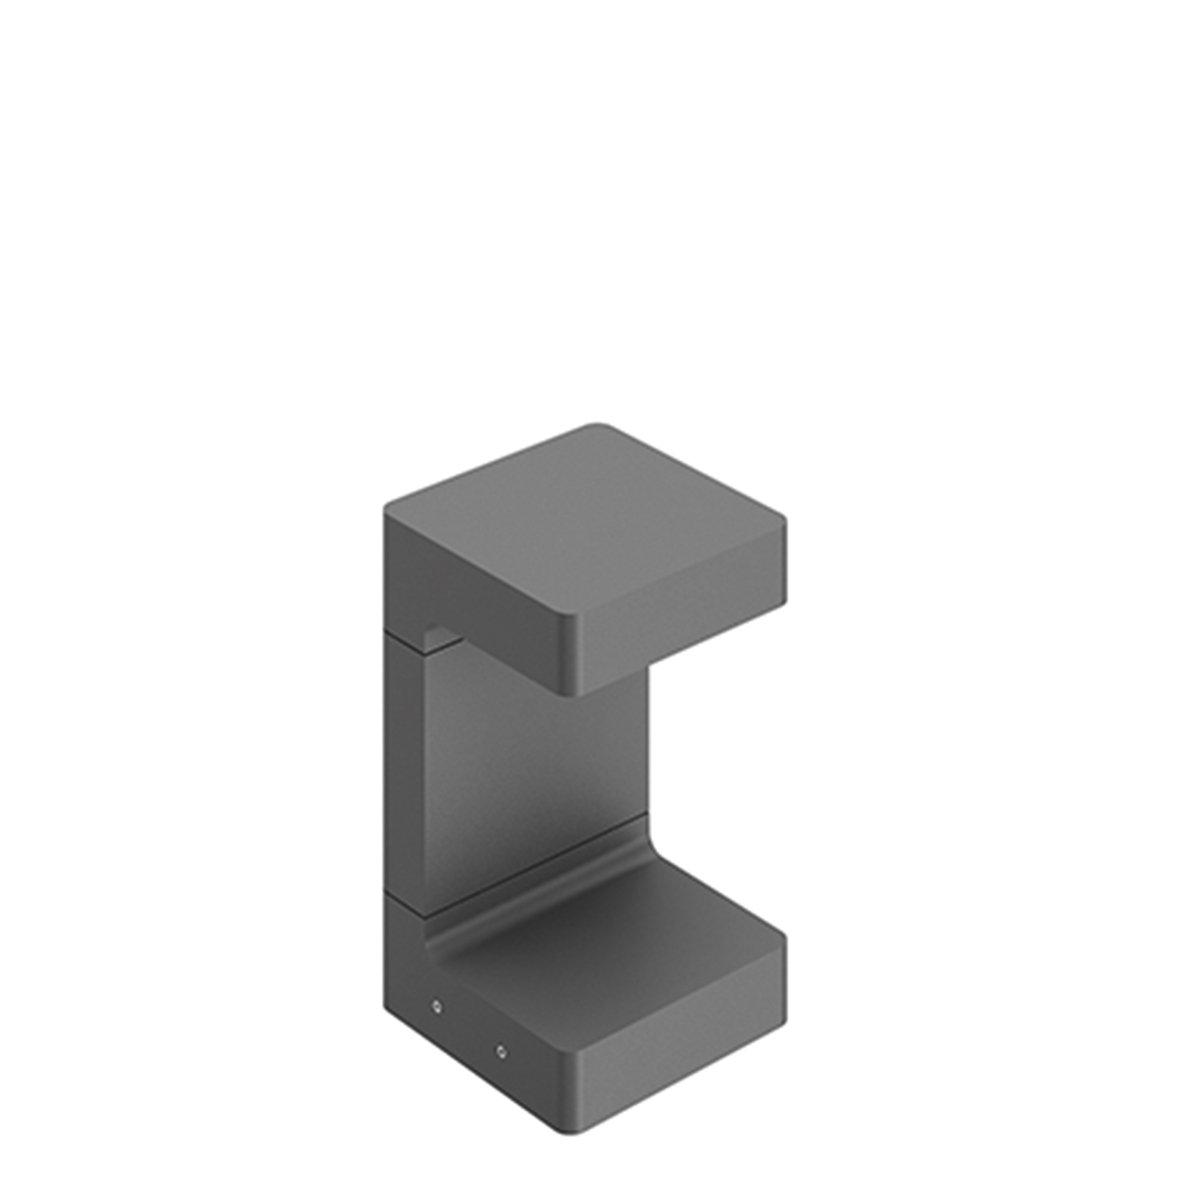 FLOS Casting C150 Outdoor Vloerlamp Antraciet - 25 cm.